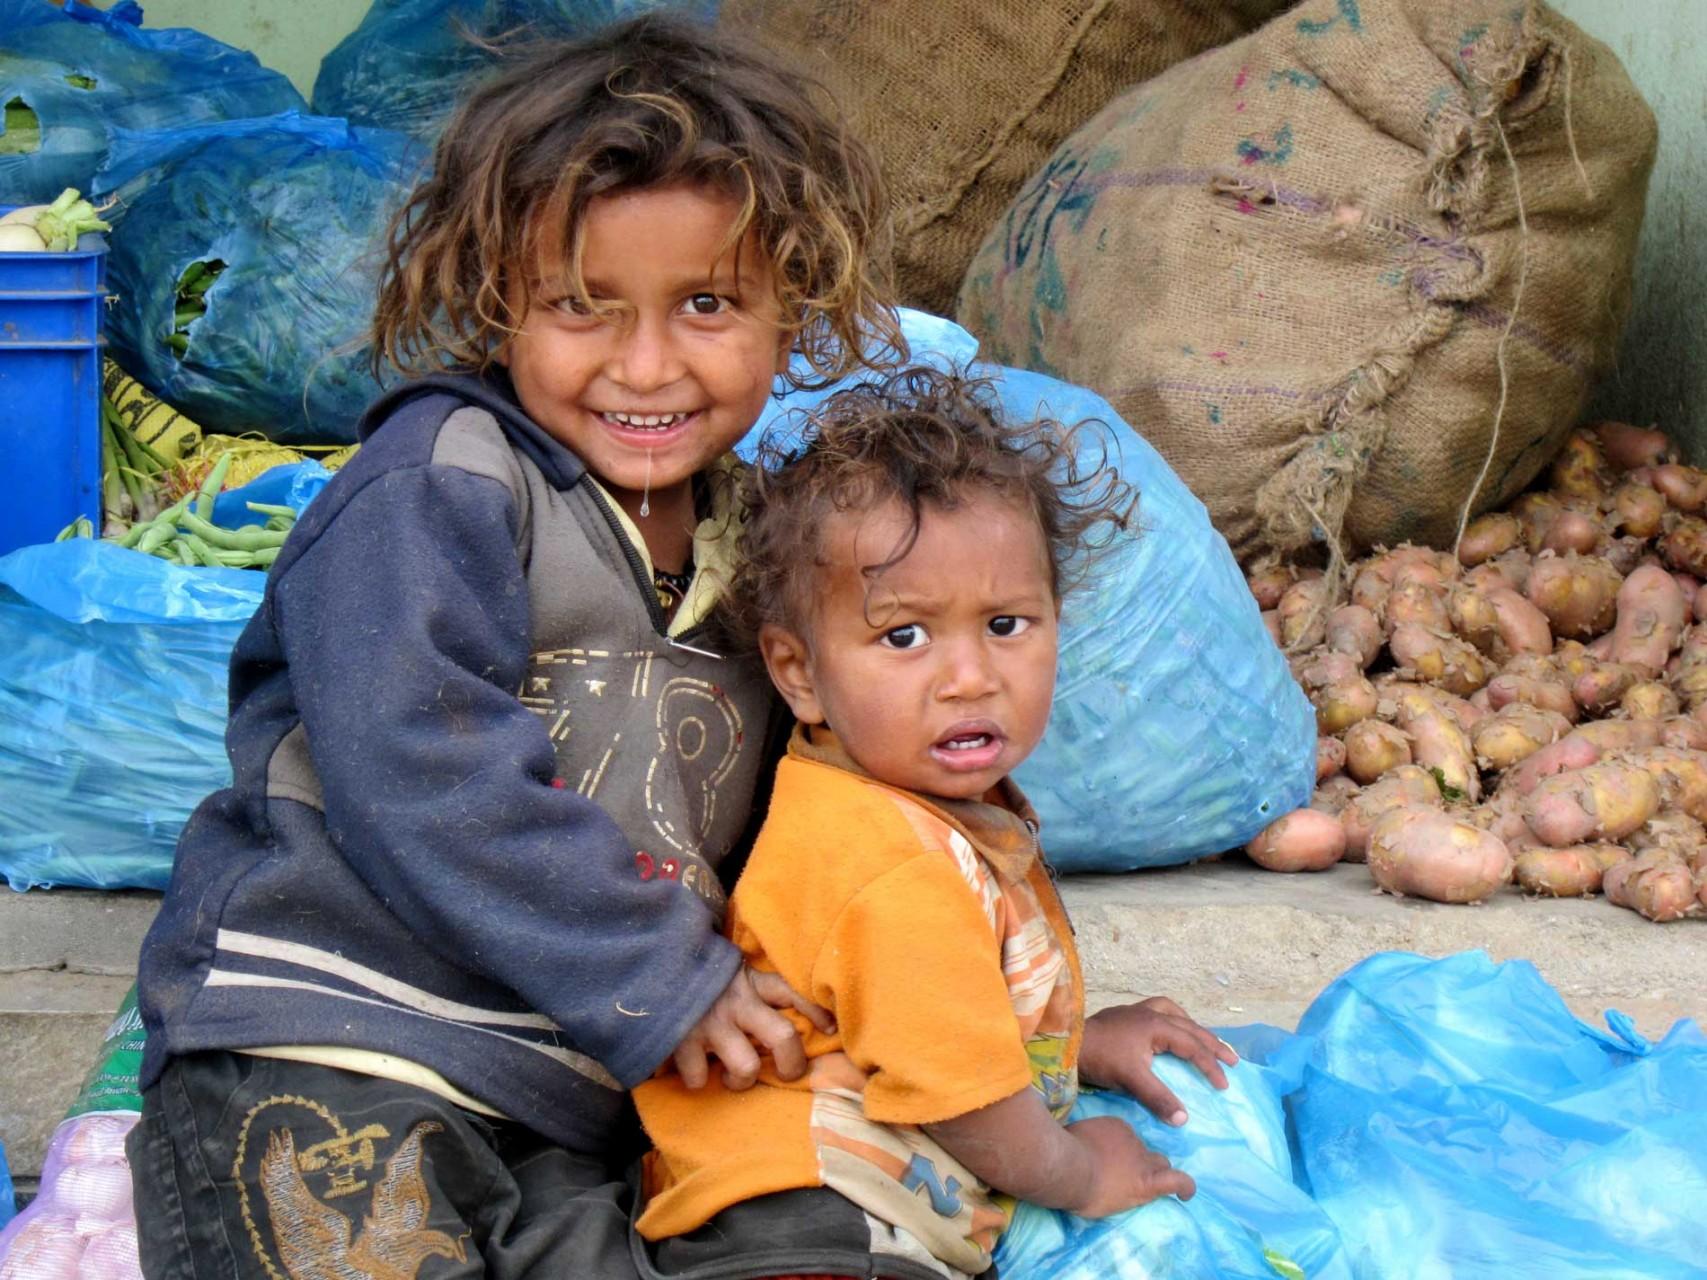 2012_NEPALbis005-agneslegros-website